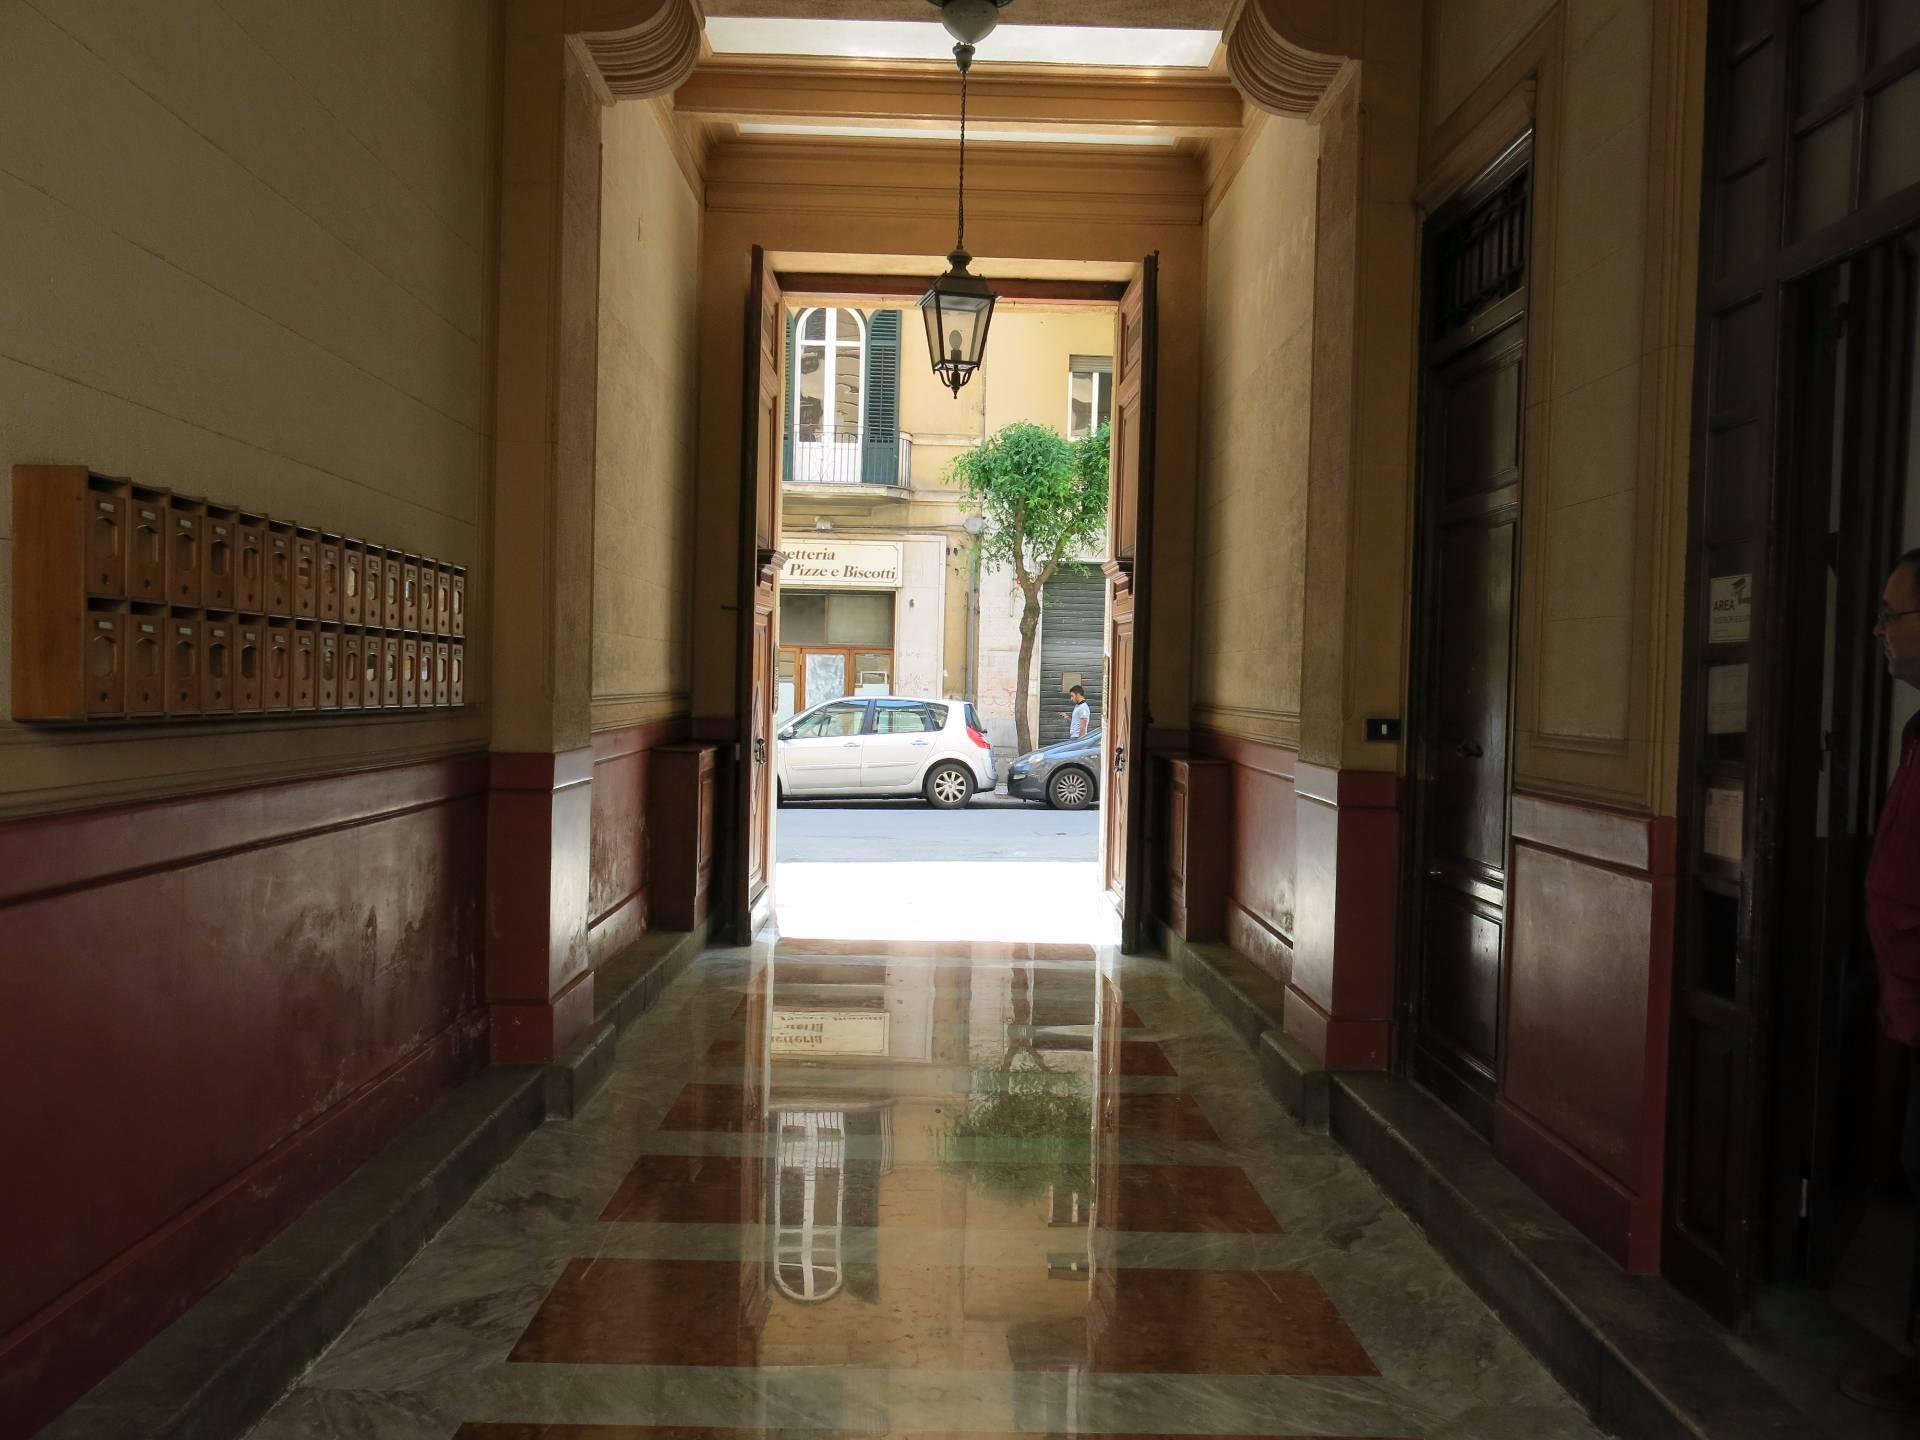 APPARTAMENTO in Affitto a Libertà, Palermo (PALERMO)